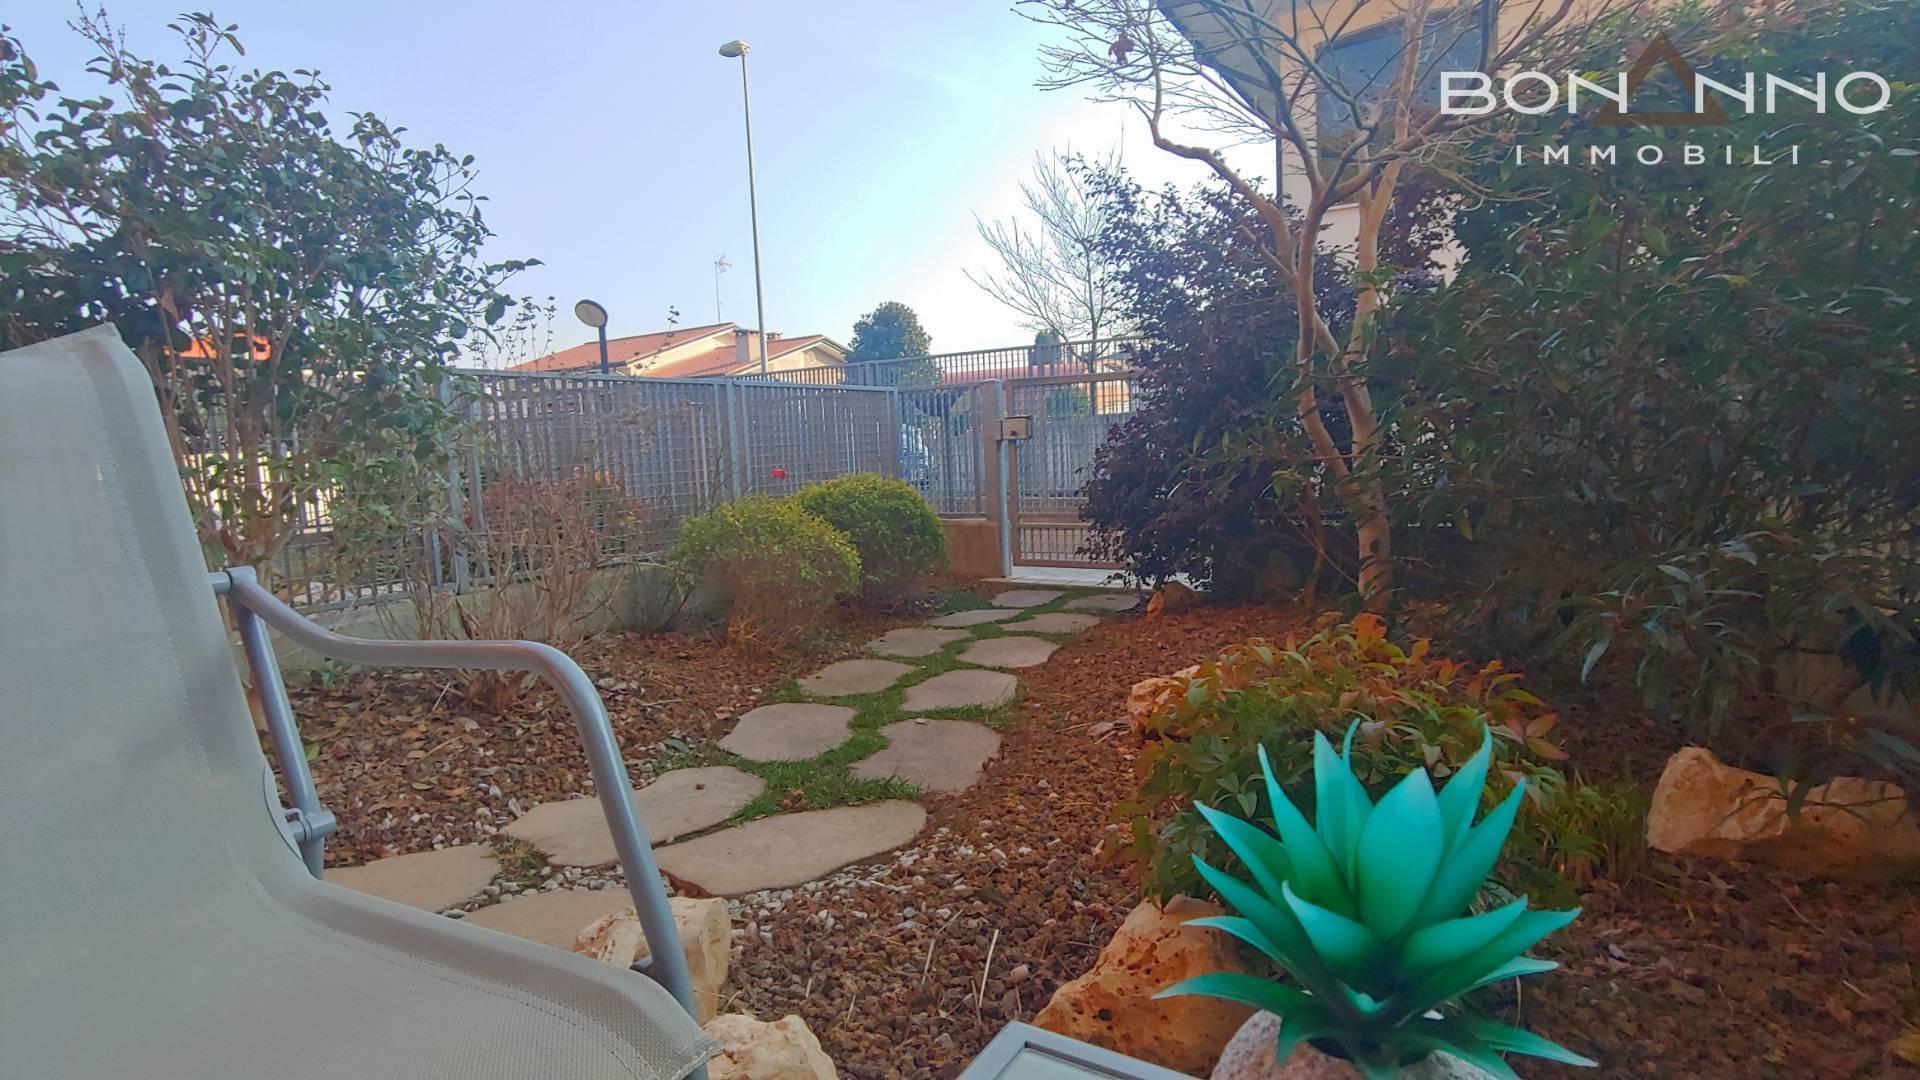 Appartamento in vendita a Cittadella, 3 locali, zona etto, prezzo € 120.000   PortaleAgenzieImmobiliari.it